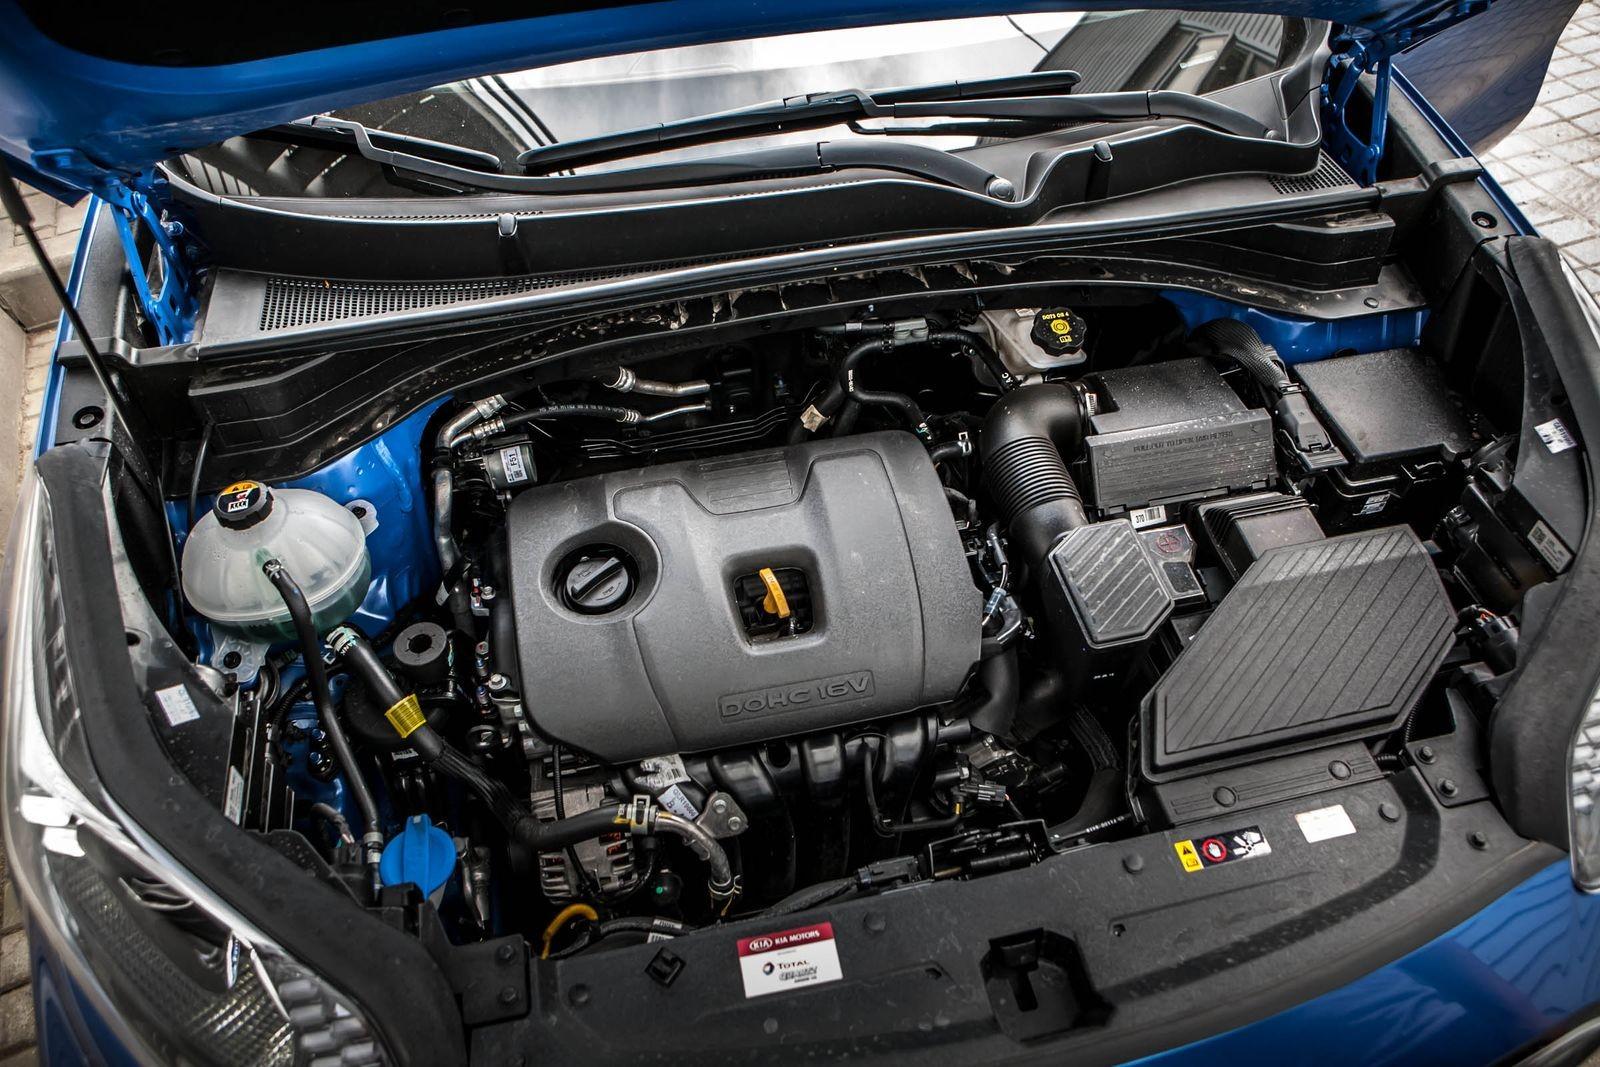 Компас покупателя. Как не ошибиться с выбором мотора, коробки и привода? Отвечаем на примере Kia Sportage